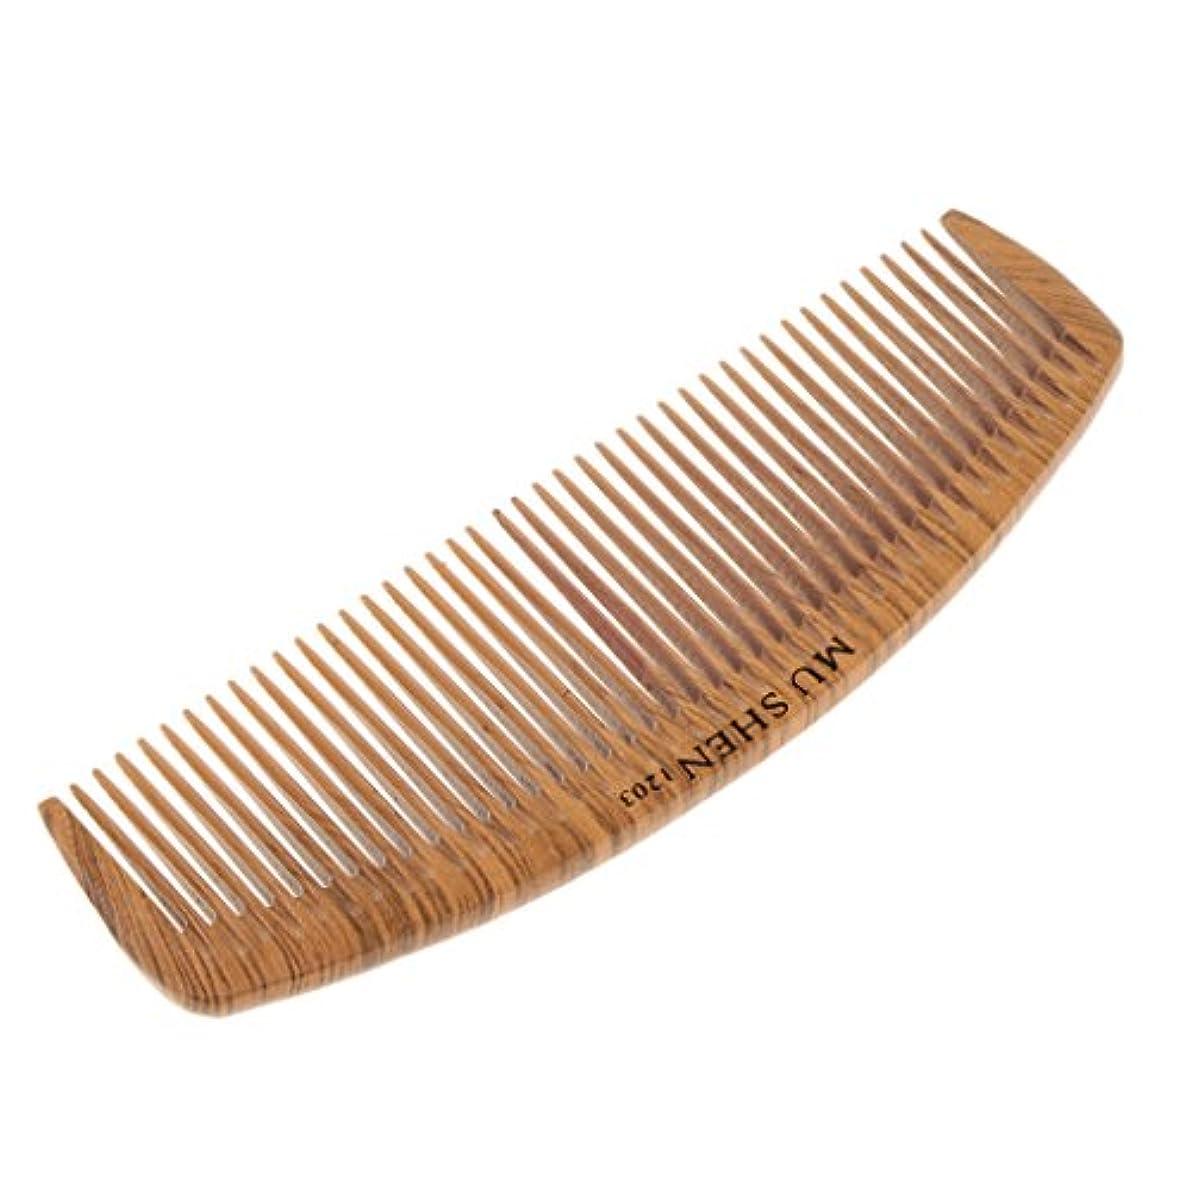 単なるコンプリートアリーナPerfeclan ヘアコーム ヘアブラシ 帯電防止 ウッド サロン 理髪師 ヘアカット ヘアスタイル ヘアケア 4タイプ選べる - 1203